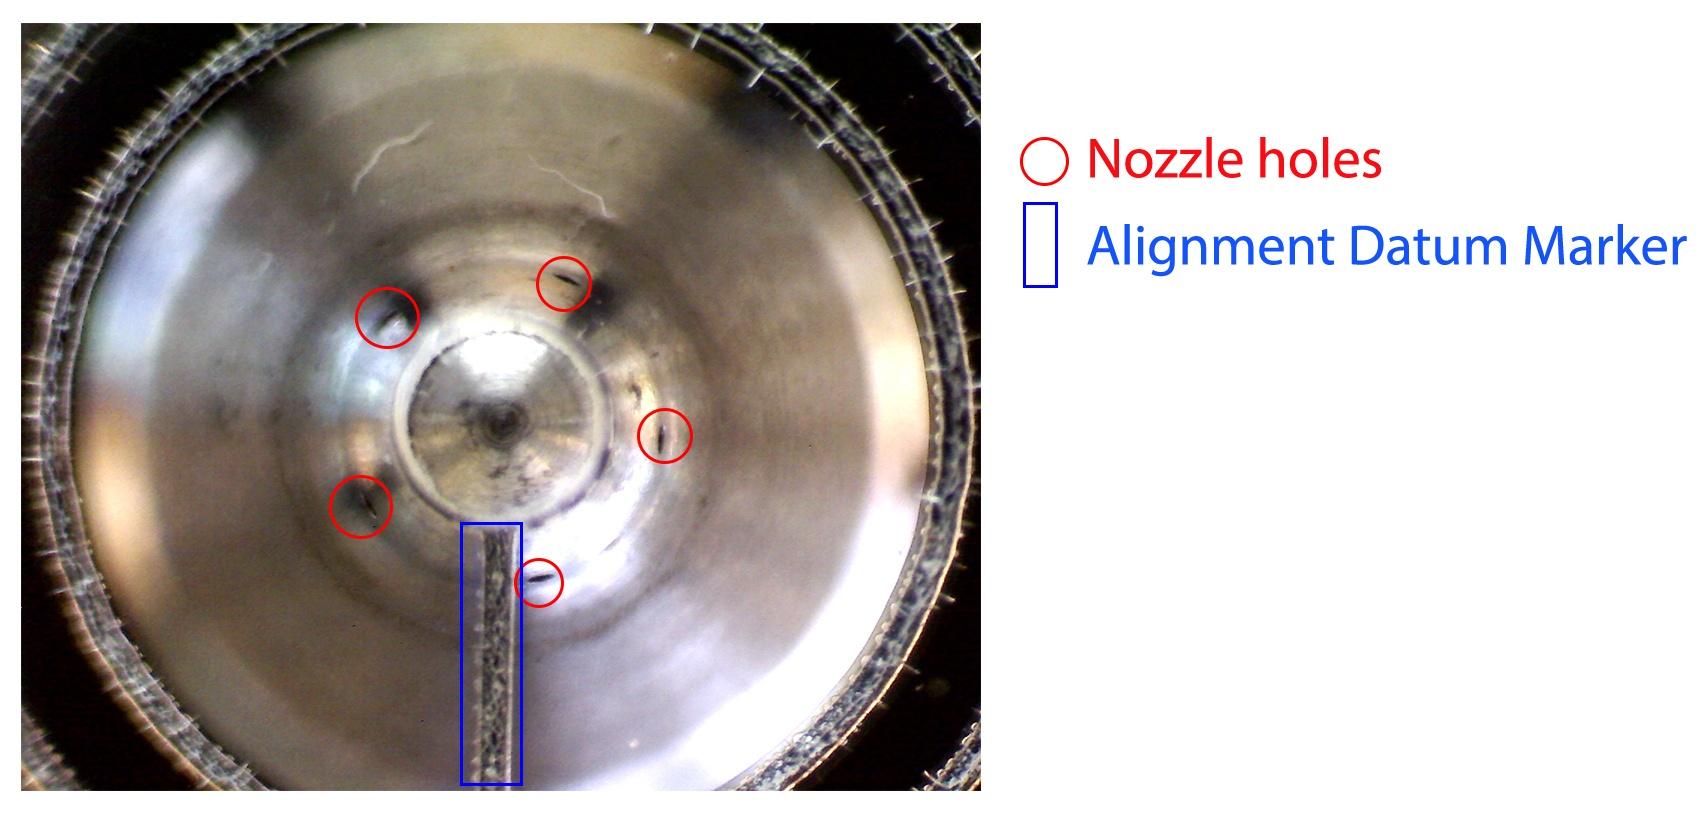 nozzle_alignment.jpg